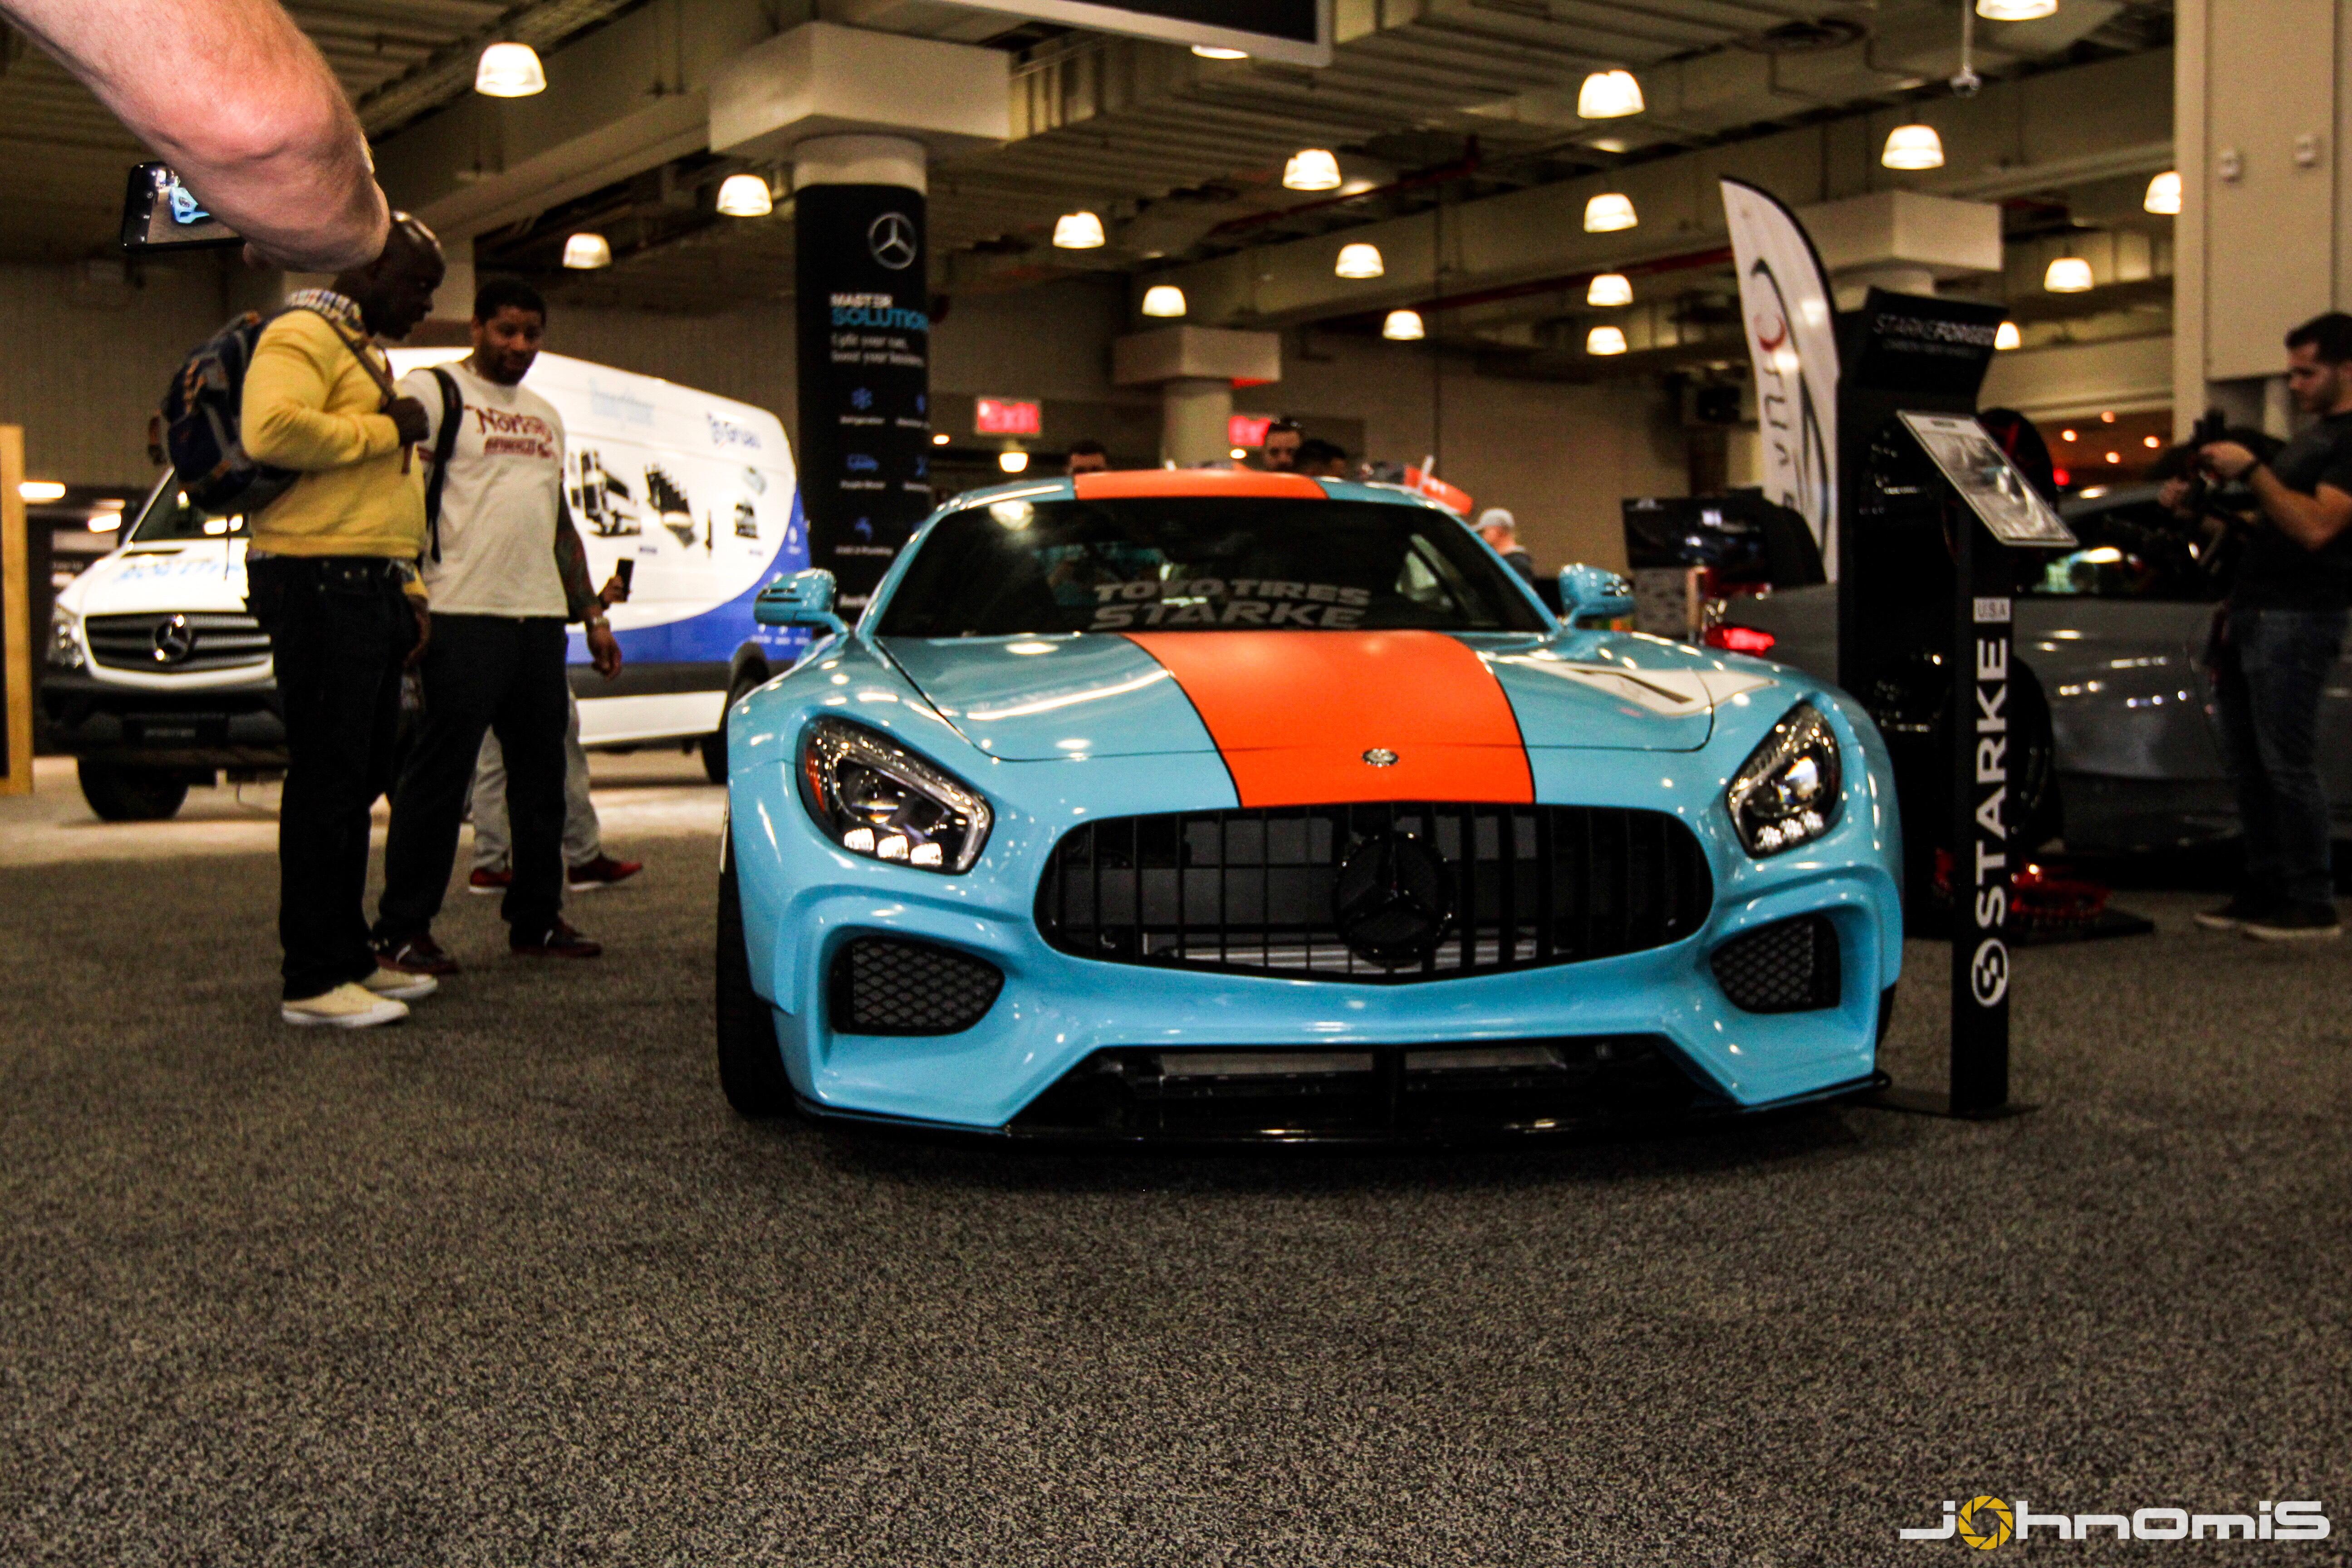 Starke Usa S Amg Gt Cool Livery New York Auto Show Pinoyracing